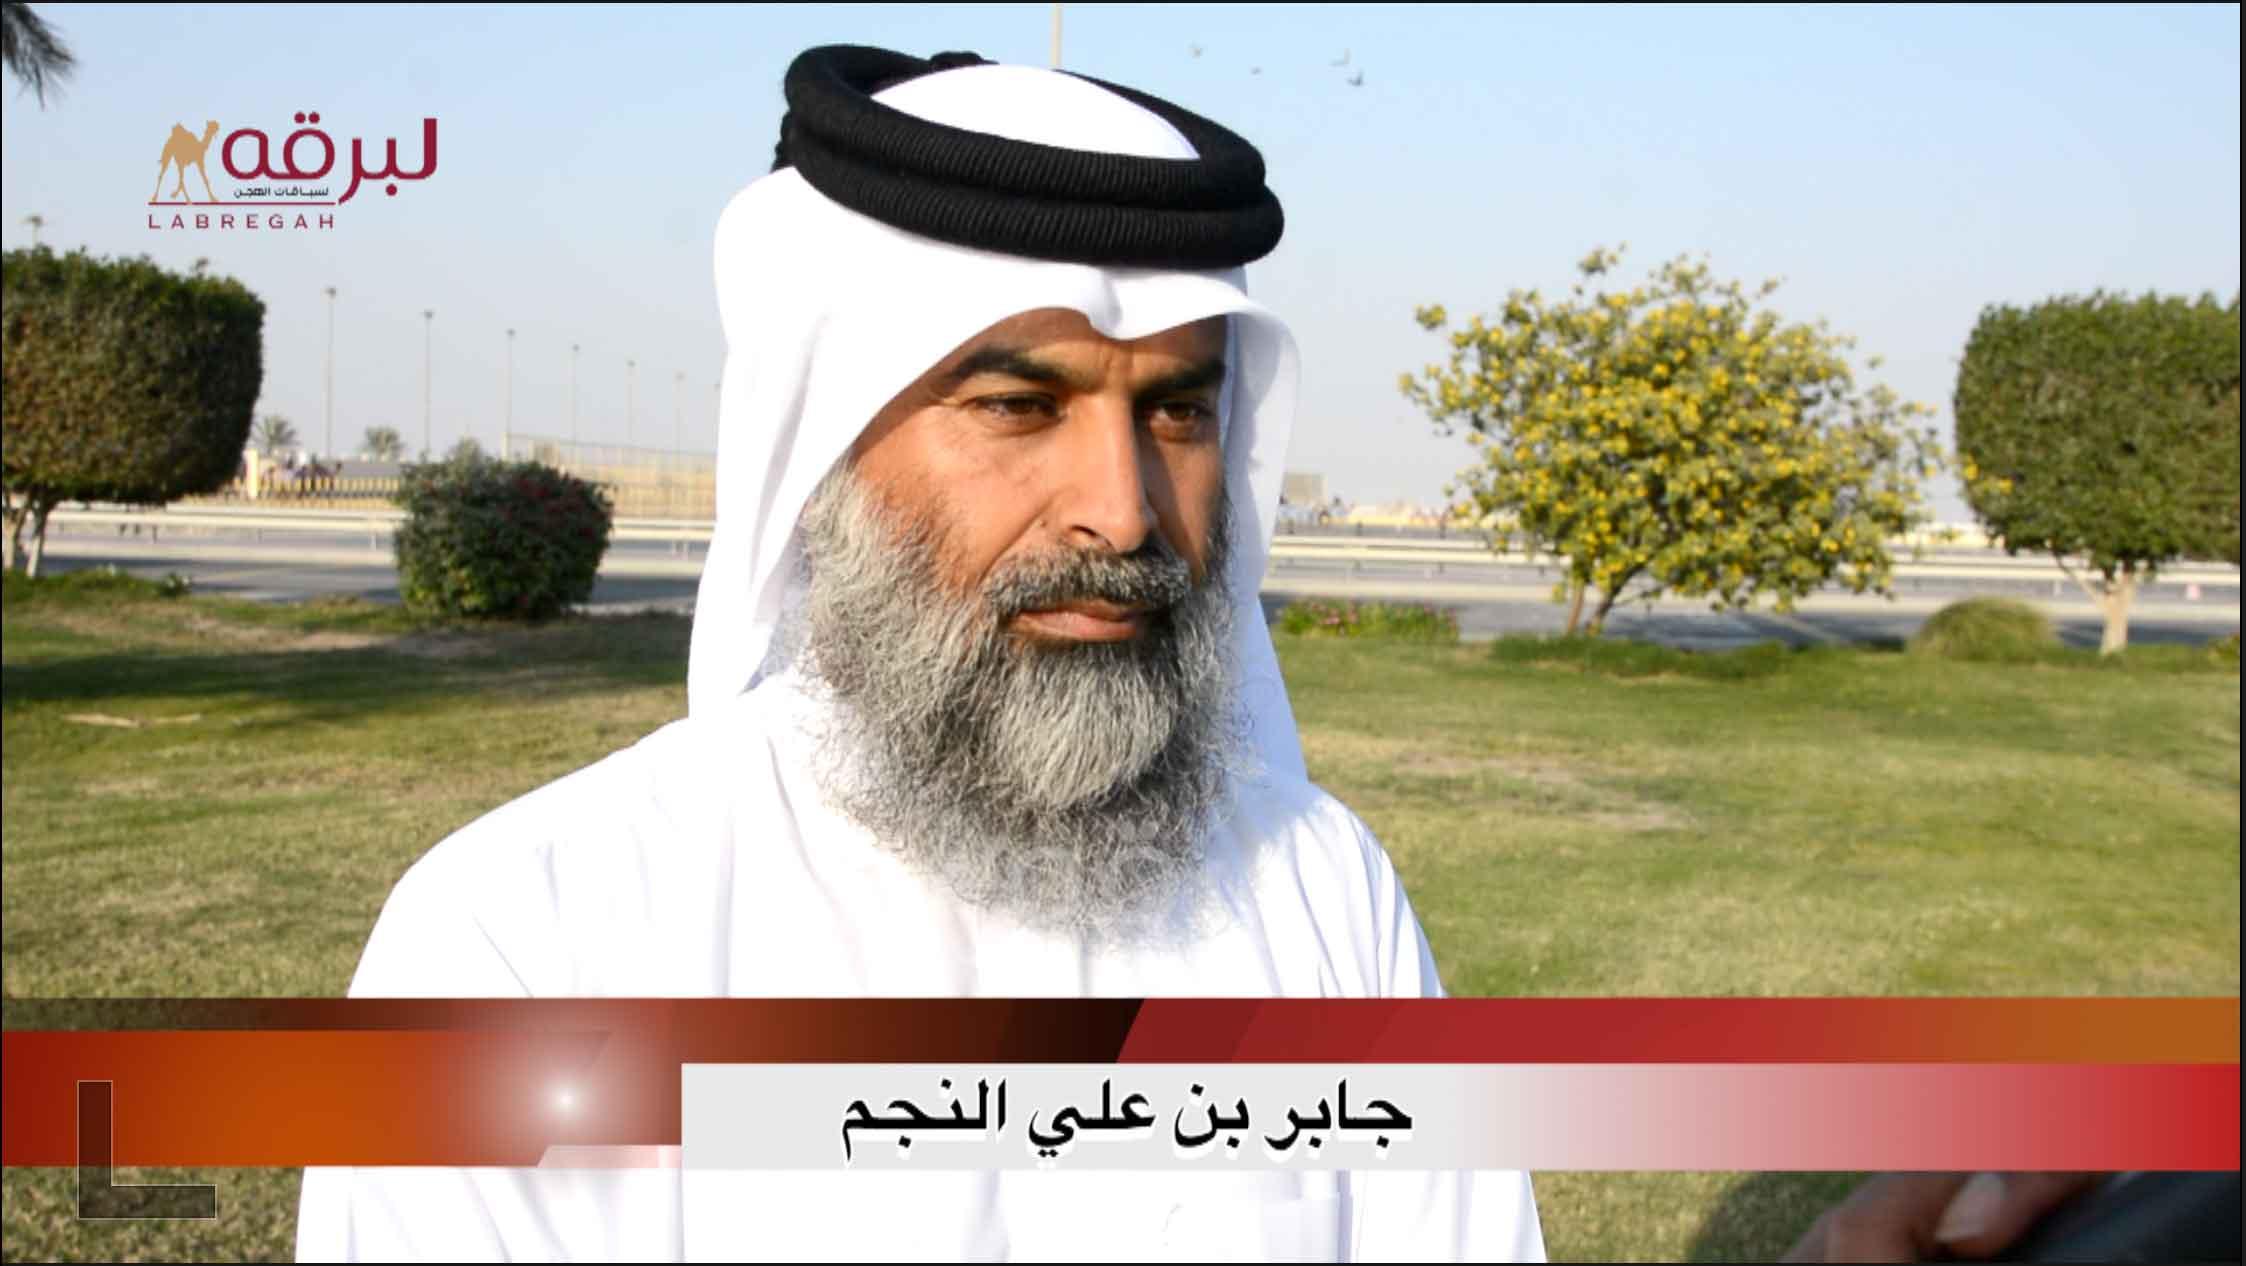 لقاء مع جابر بن علي النجم.. الشلفة الذهبية لقايا بكار « عمانيات » الأشواط المفتوحة  ١٨-١-٢٠٢١